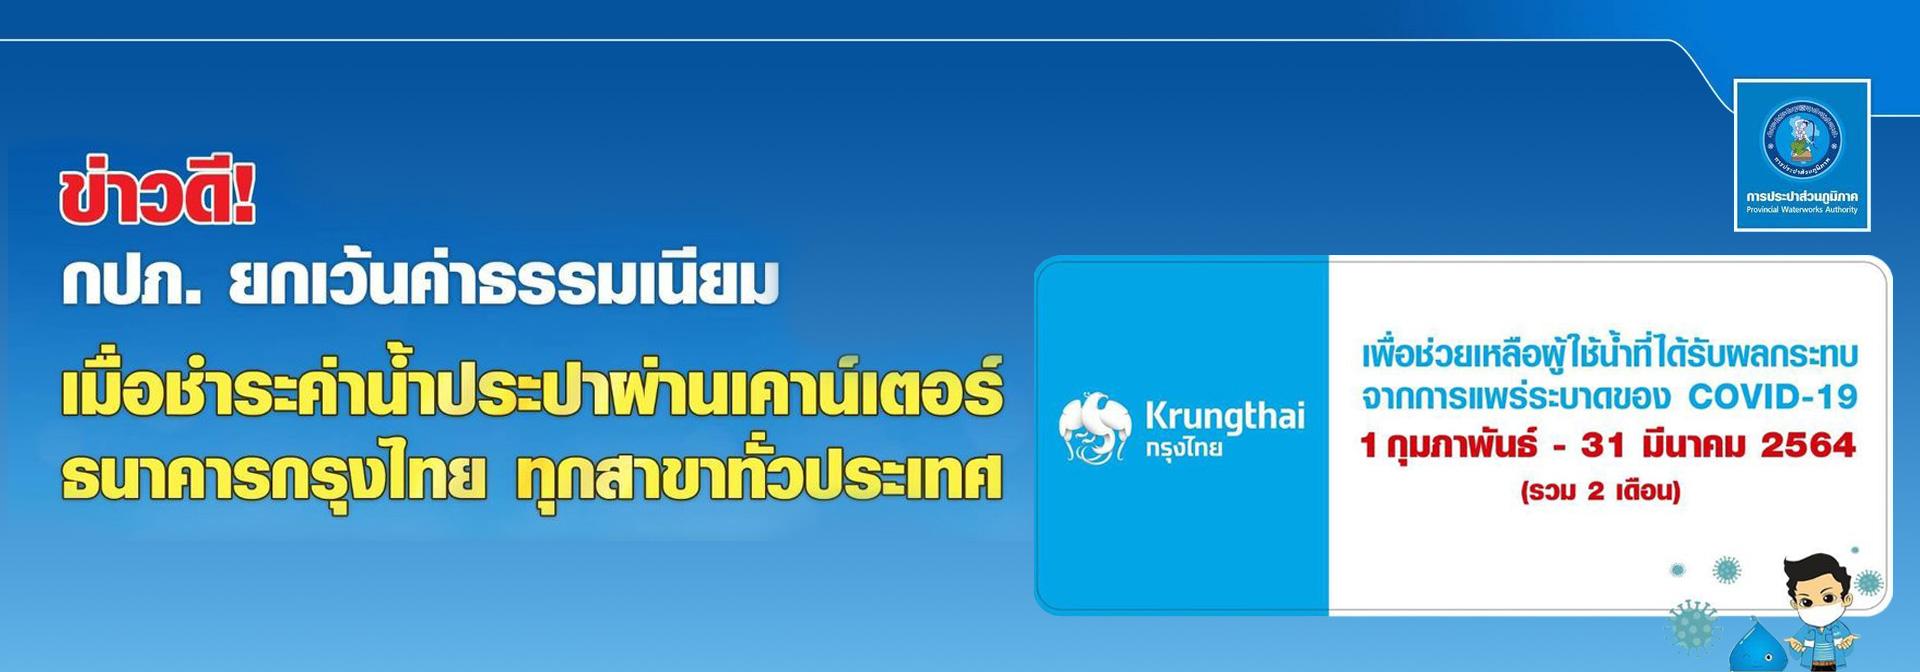 ข่าวดี กปภ. ยกเว้นค่าธรรมเนียม เมื่อชำระค่าน้ำประปาผ่านเคาท์เตอร์ธนาคารกรุงไทย ทุกสาขาทั่วประเทศ 1 ก.พ. - 31 มี.ค. 64 (รวม 2 เดือน)